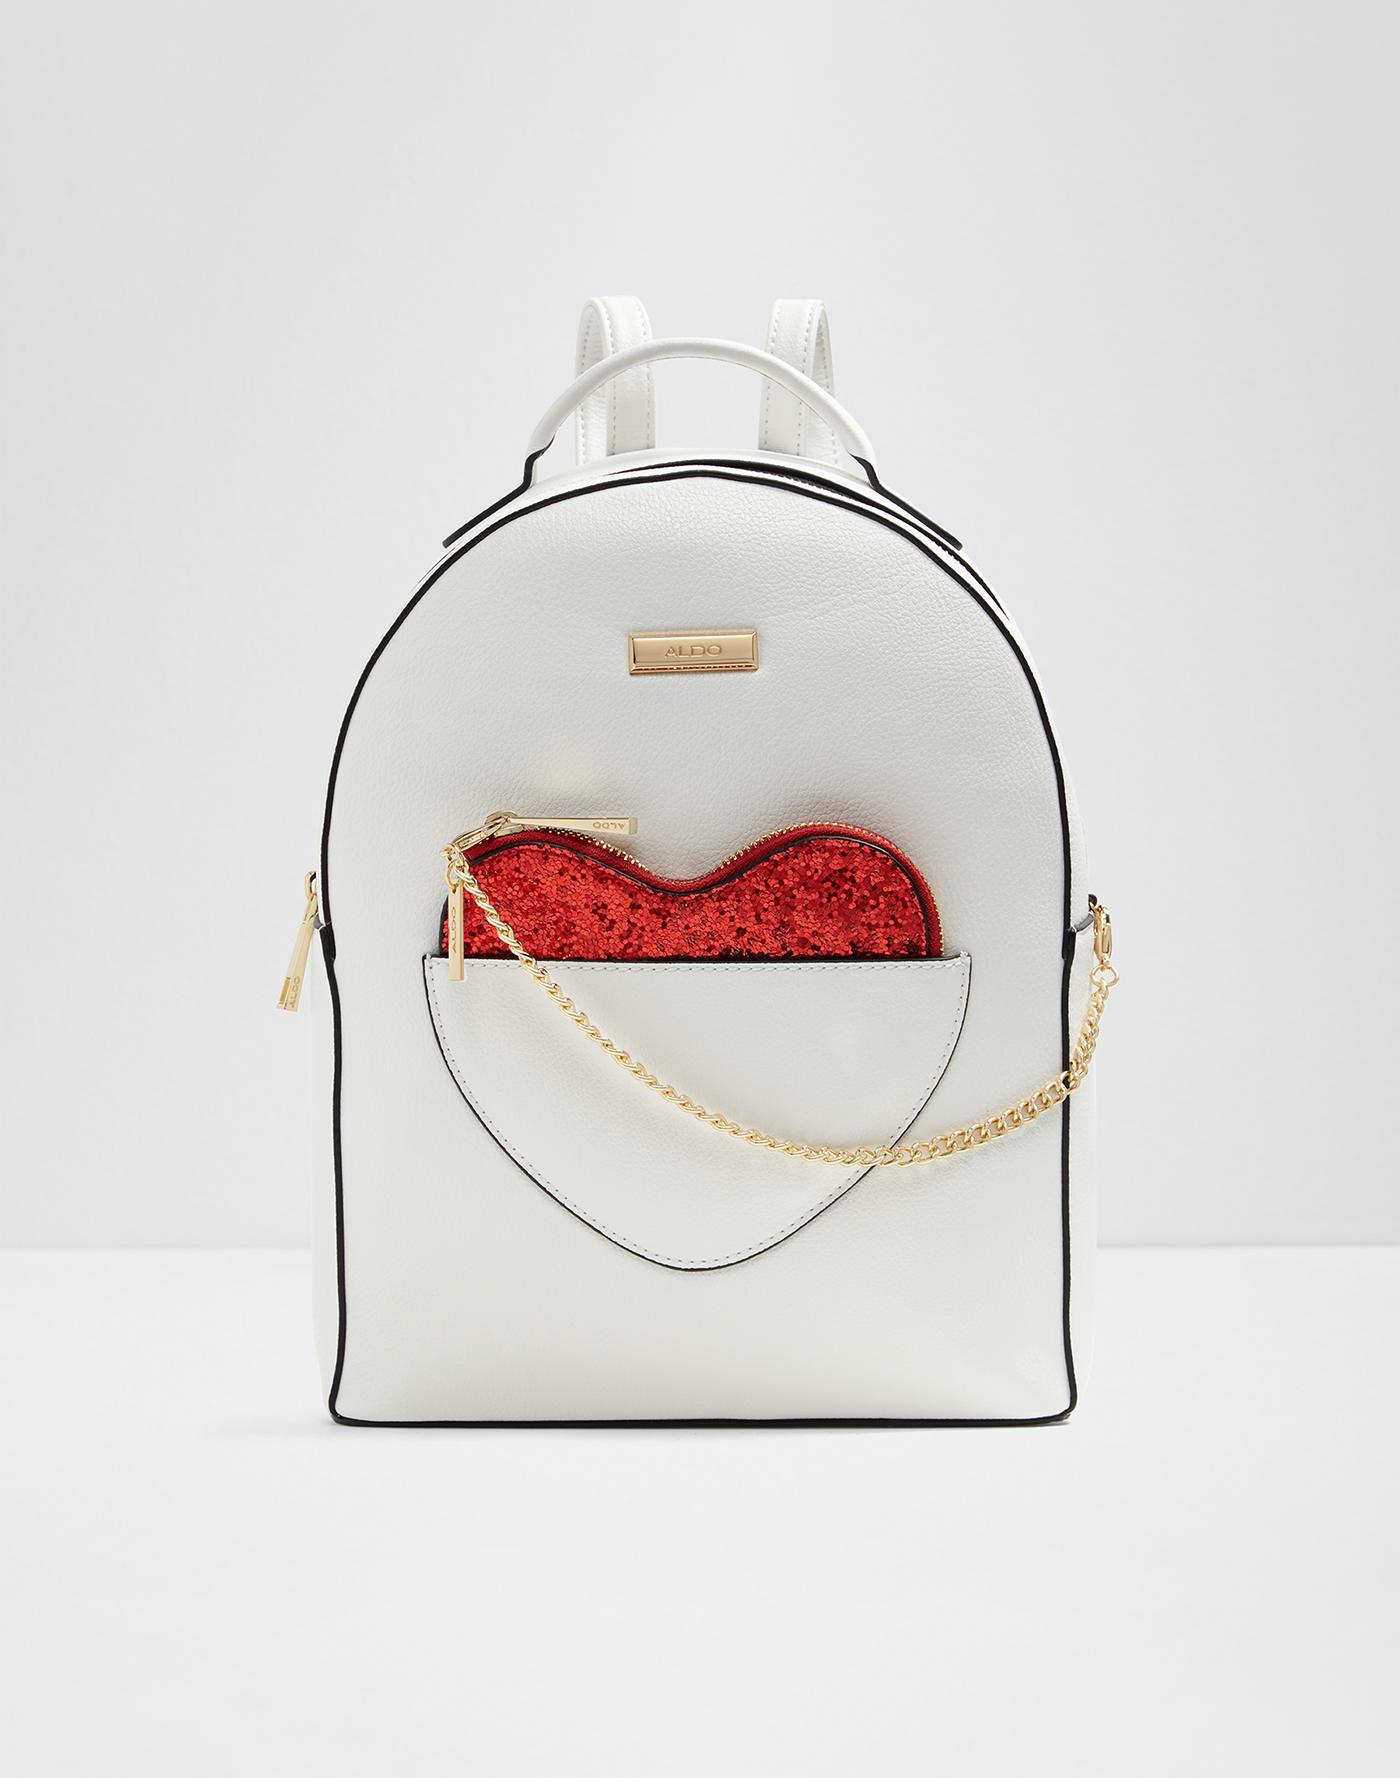 Handbags for Women   Aldoshoes.com US 6977e5ce04